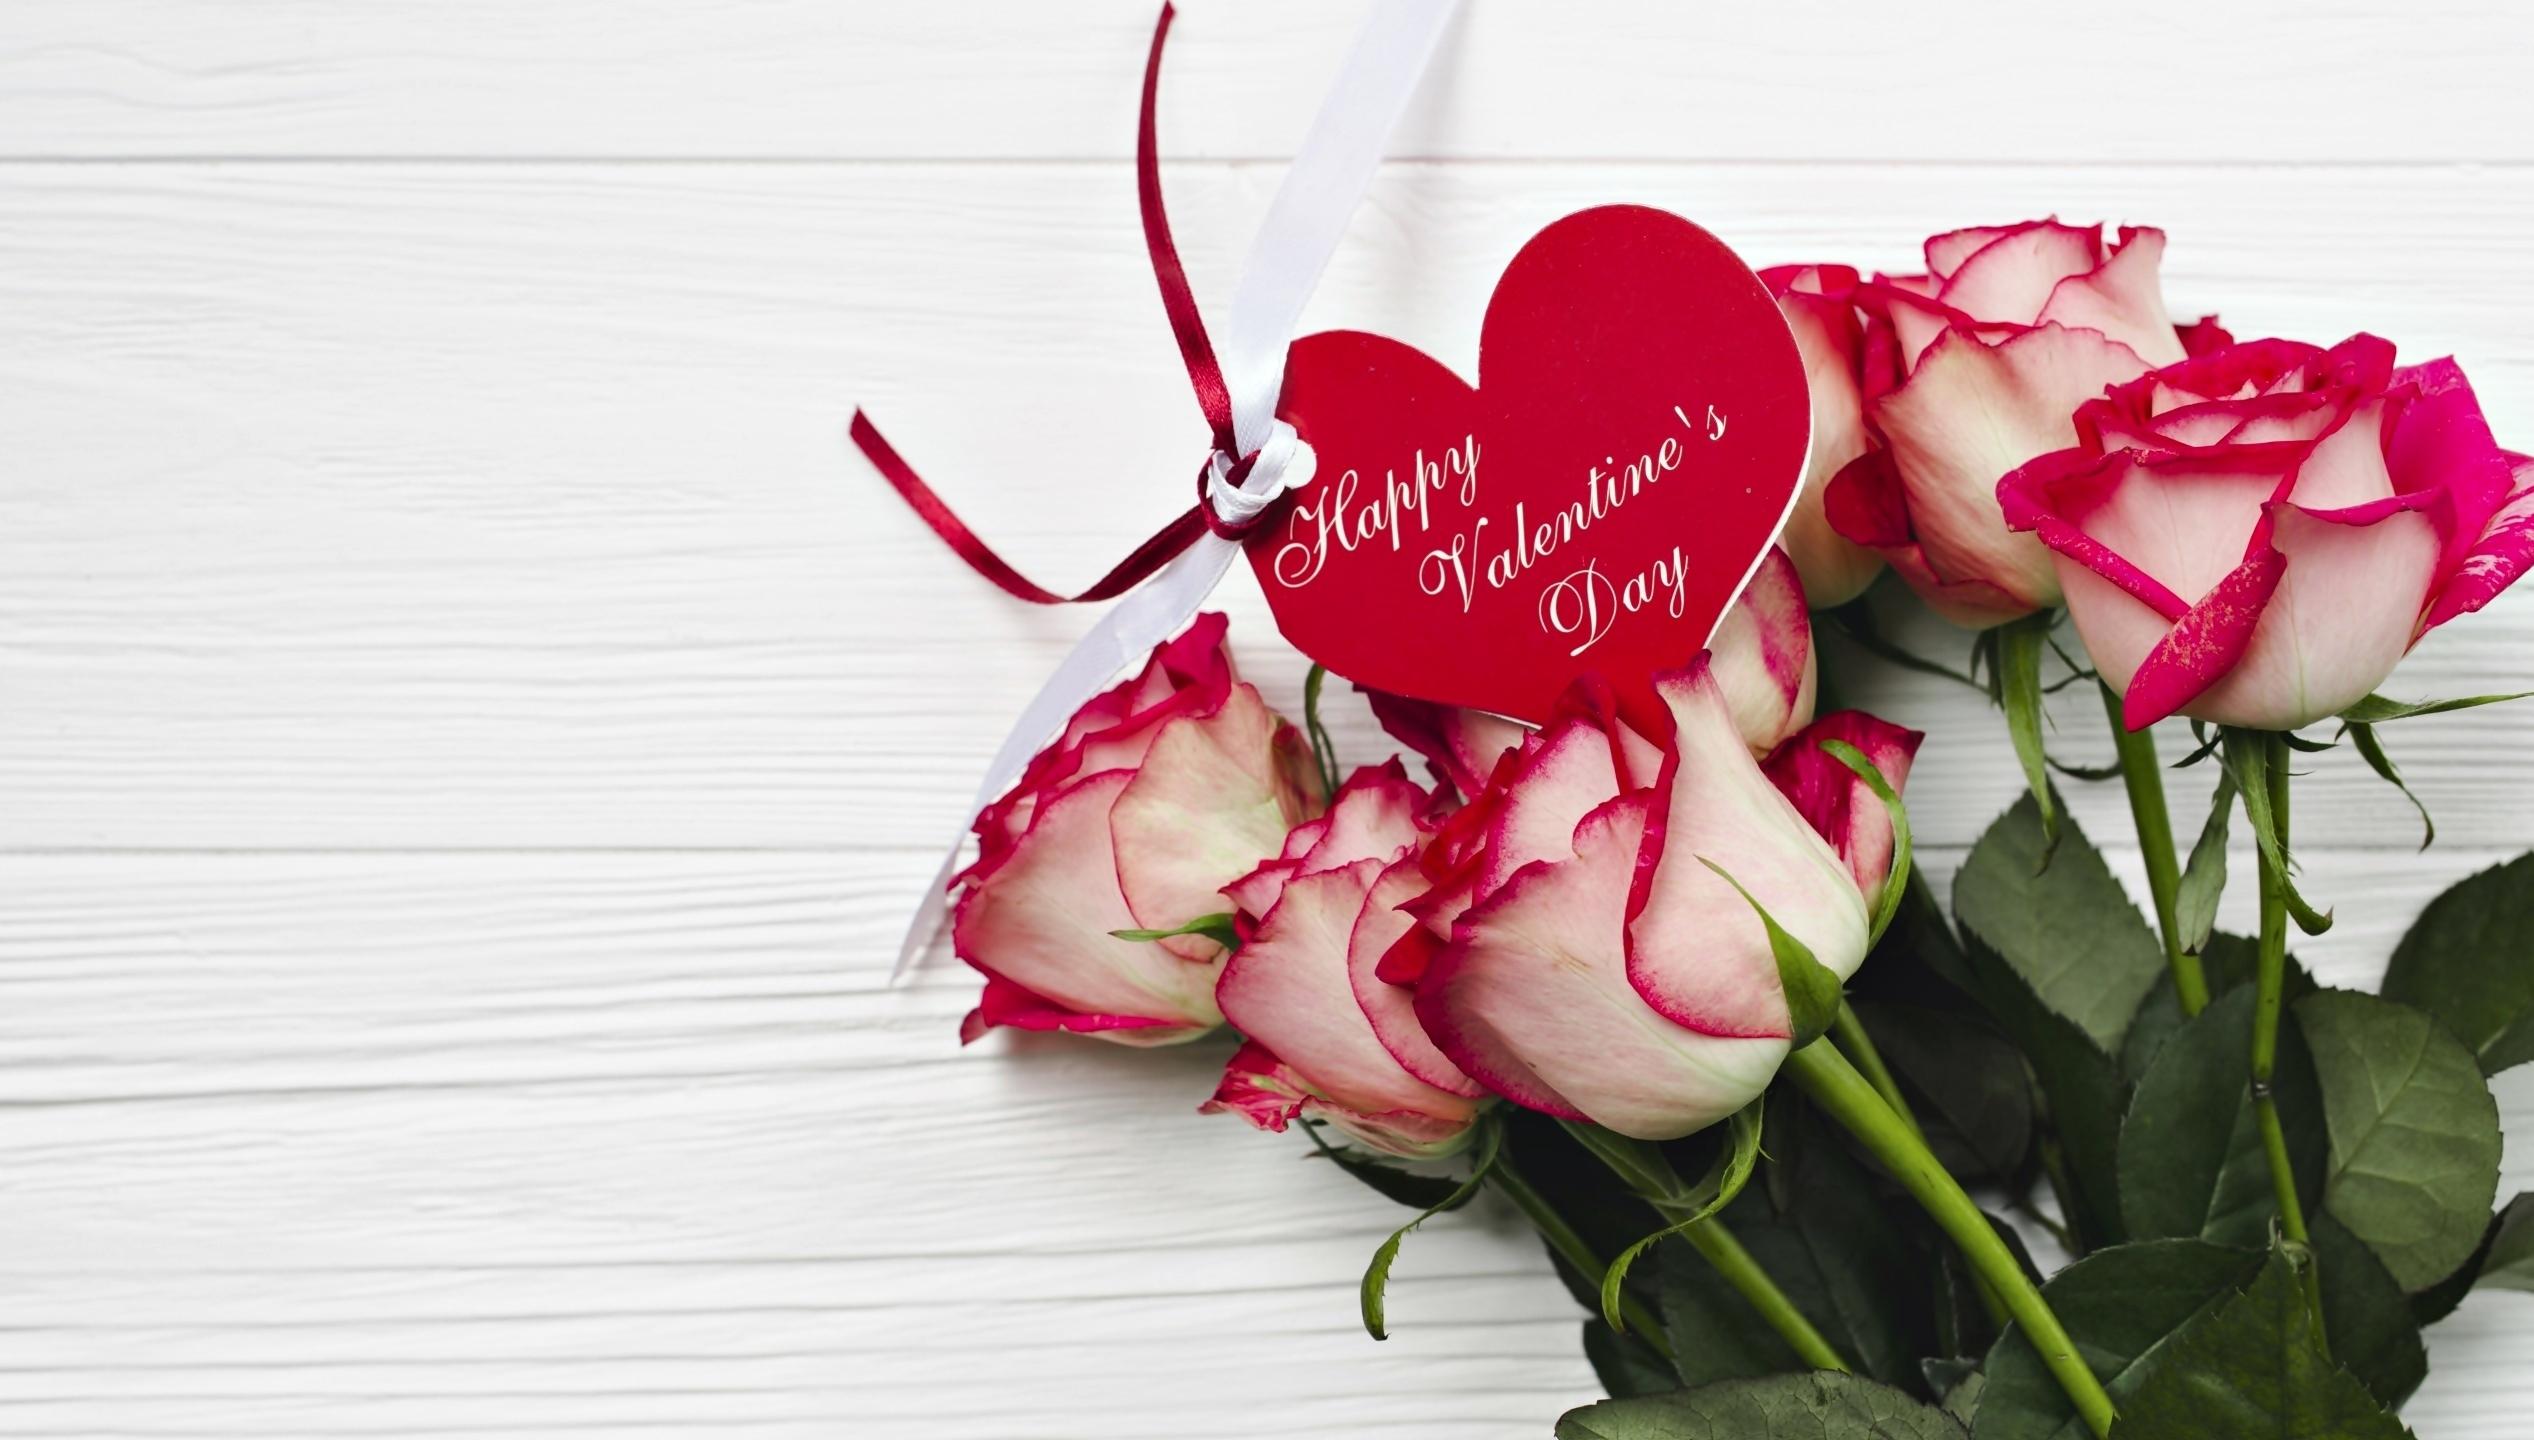 Букеты с днем святого валентина картинки любимому, букет роз